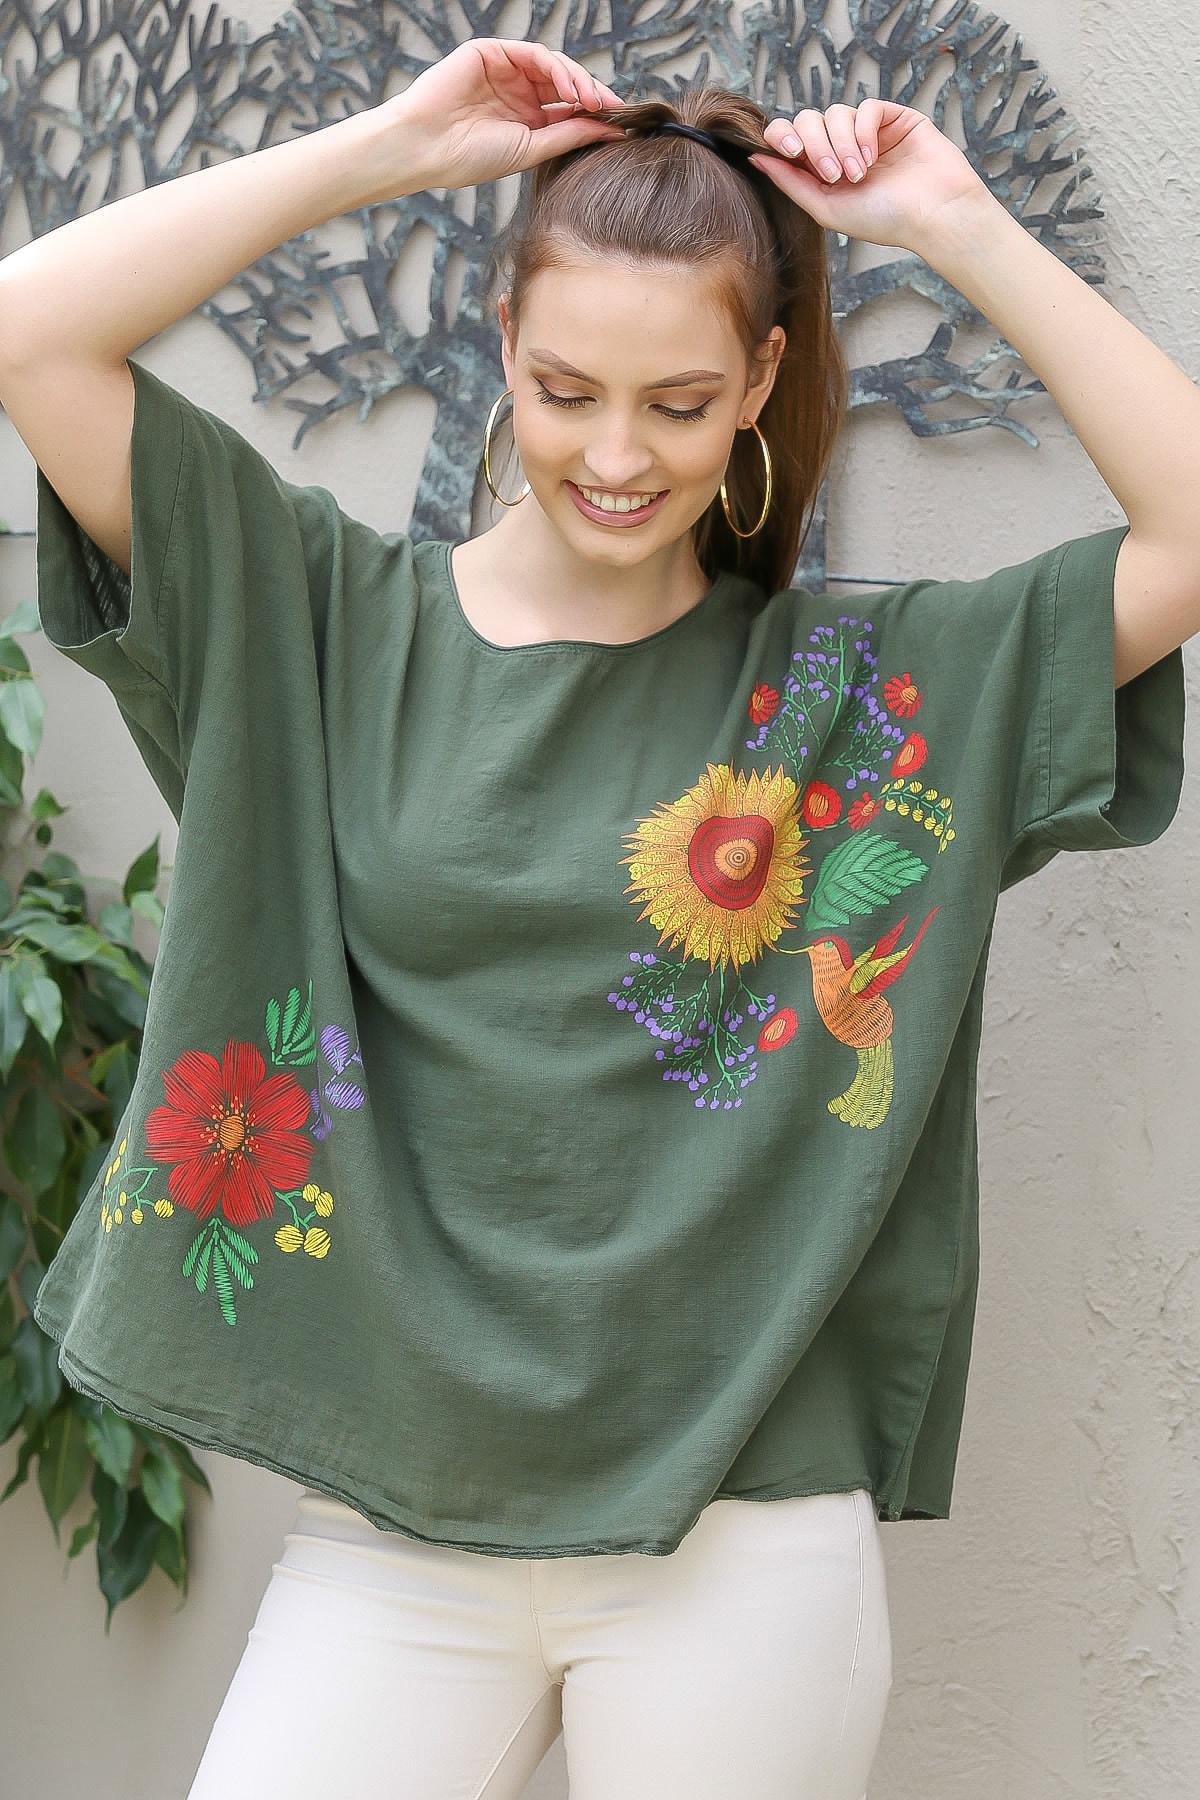 Chiccy Kadın Haki Sıfır Yaka Günebakan Çiçek Desenli Salaş Dokuma Bluz M10010200BL95412 0